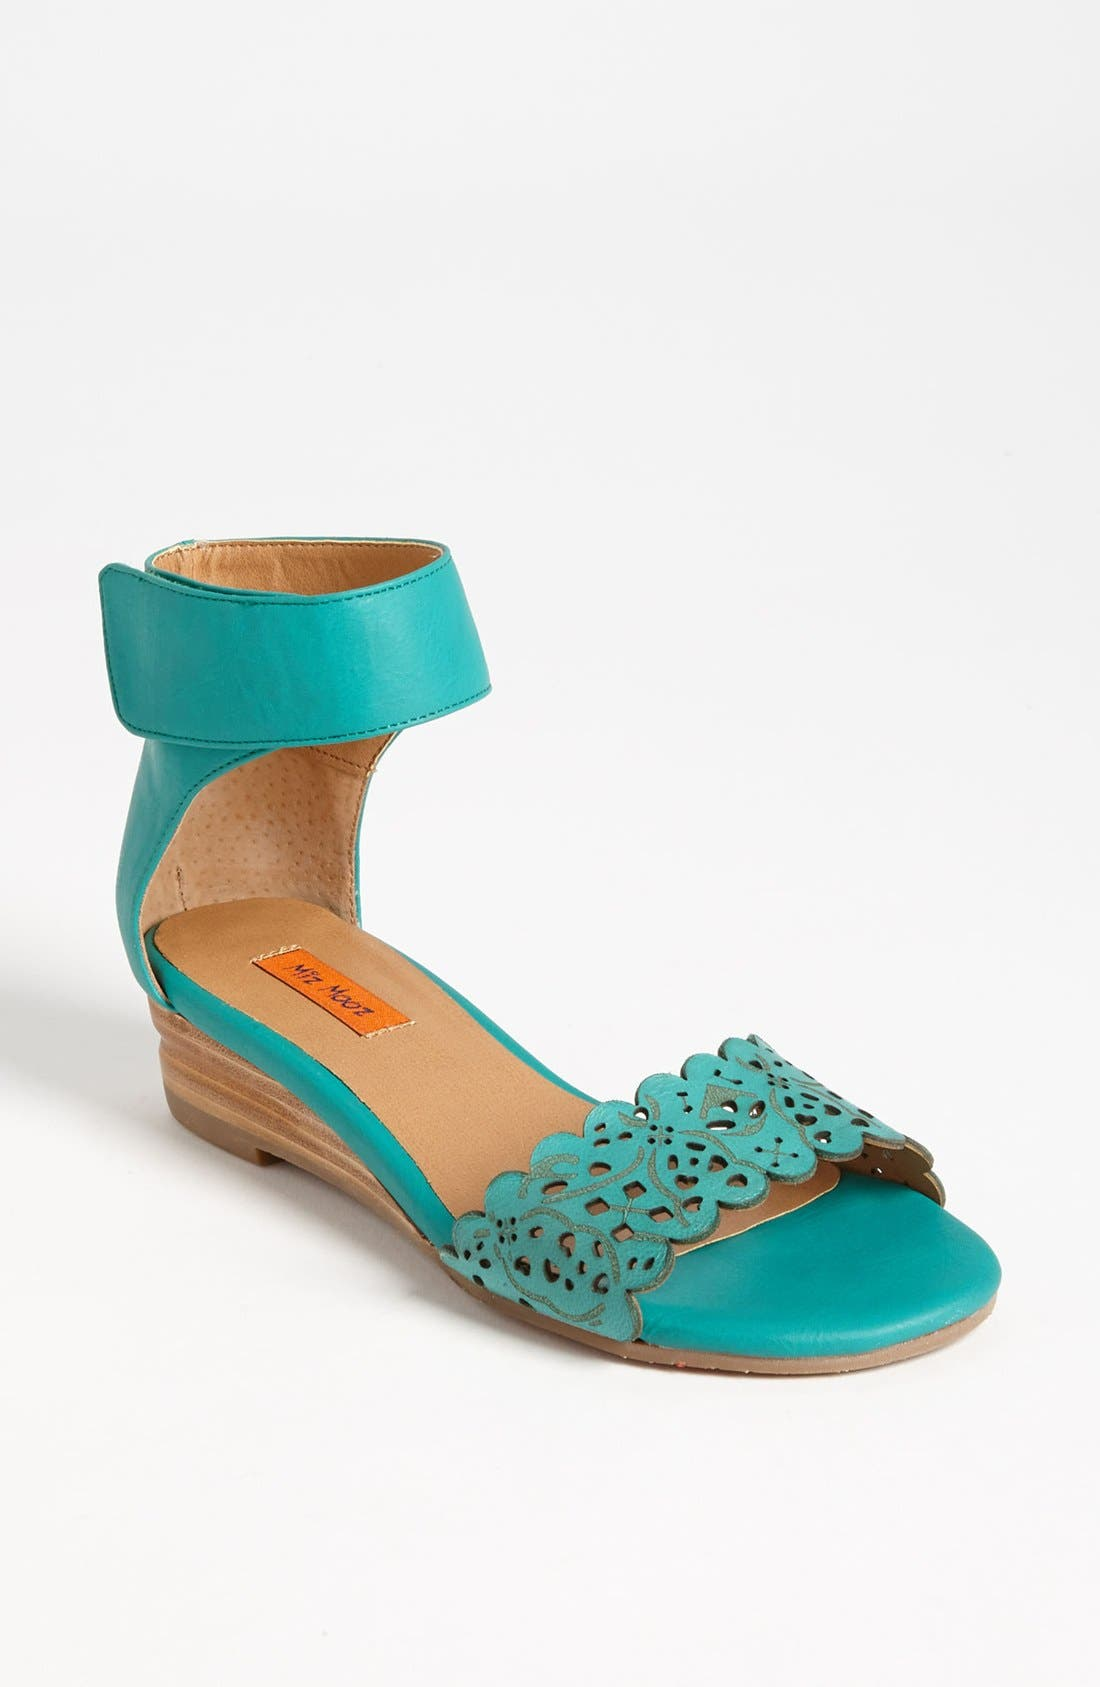 Main Image - Miz Mooz 'Primrose' Sandal